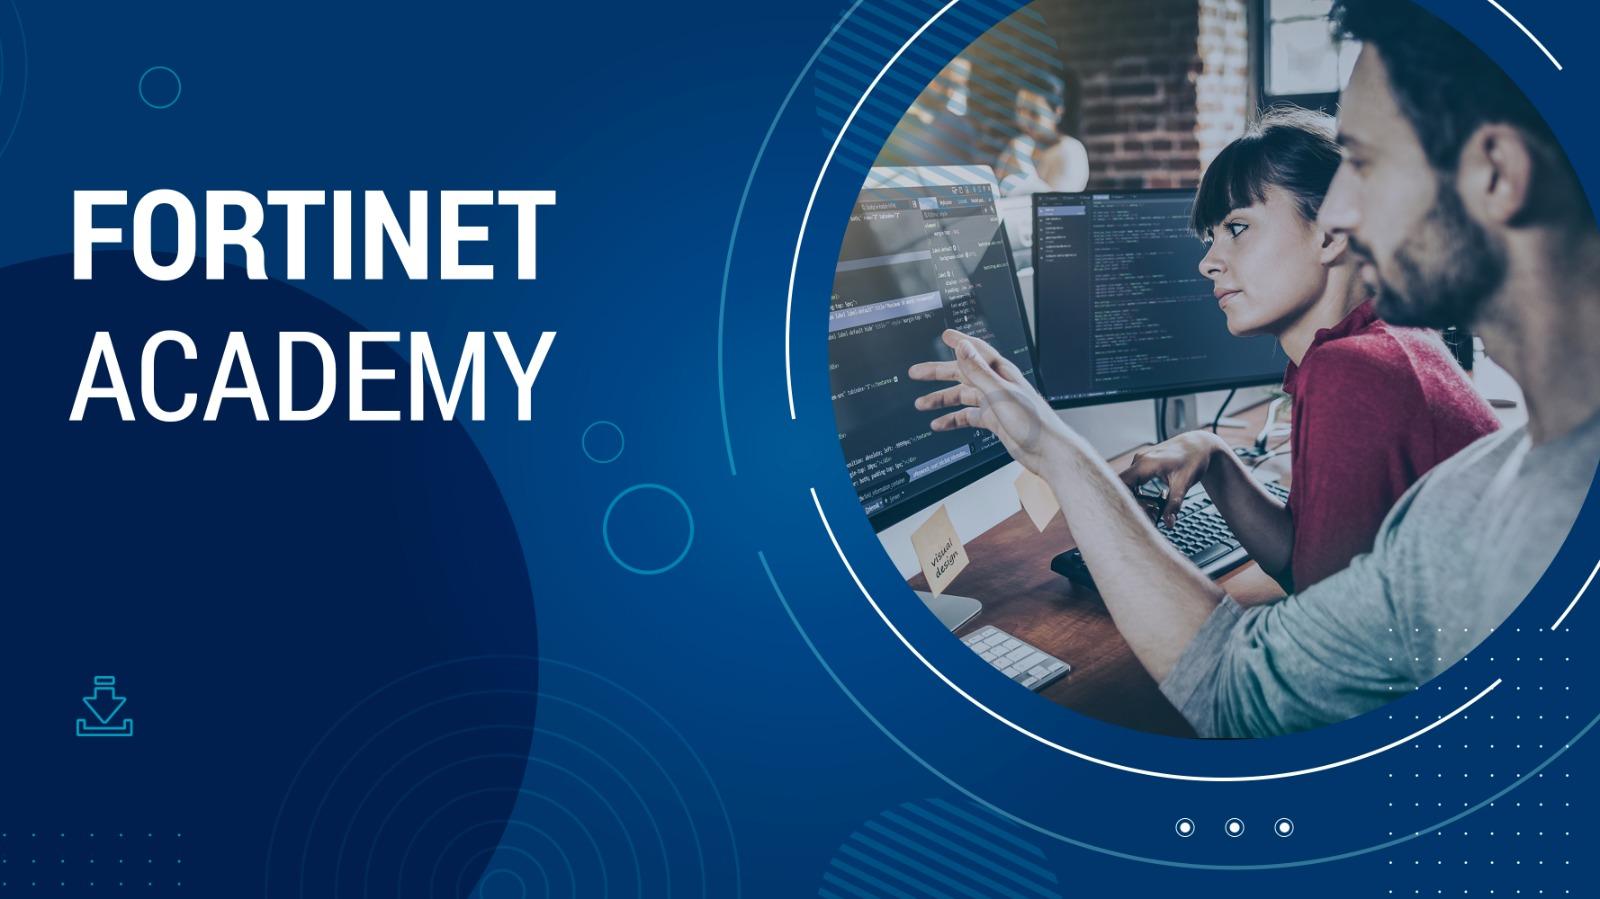 Universitatea Tehnică Gheorghe Asachi s-a afiliat rețelei Fortinet Academy